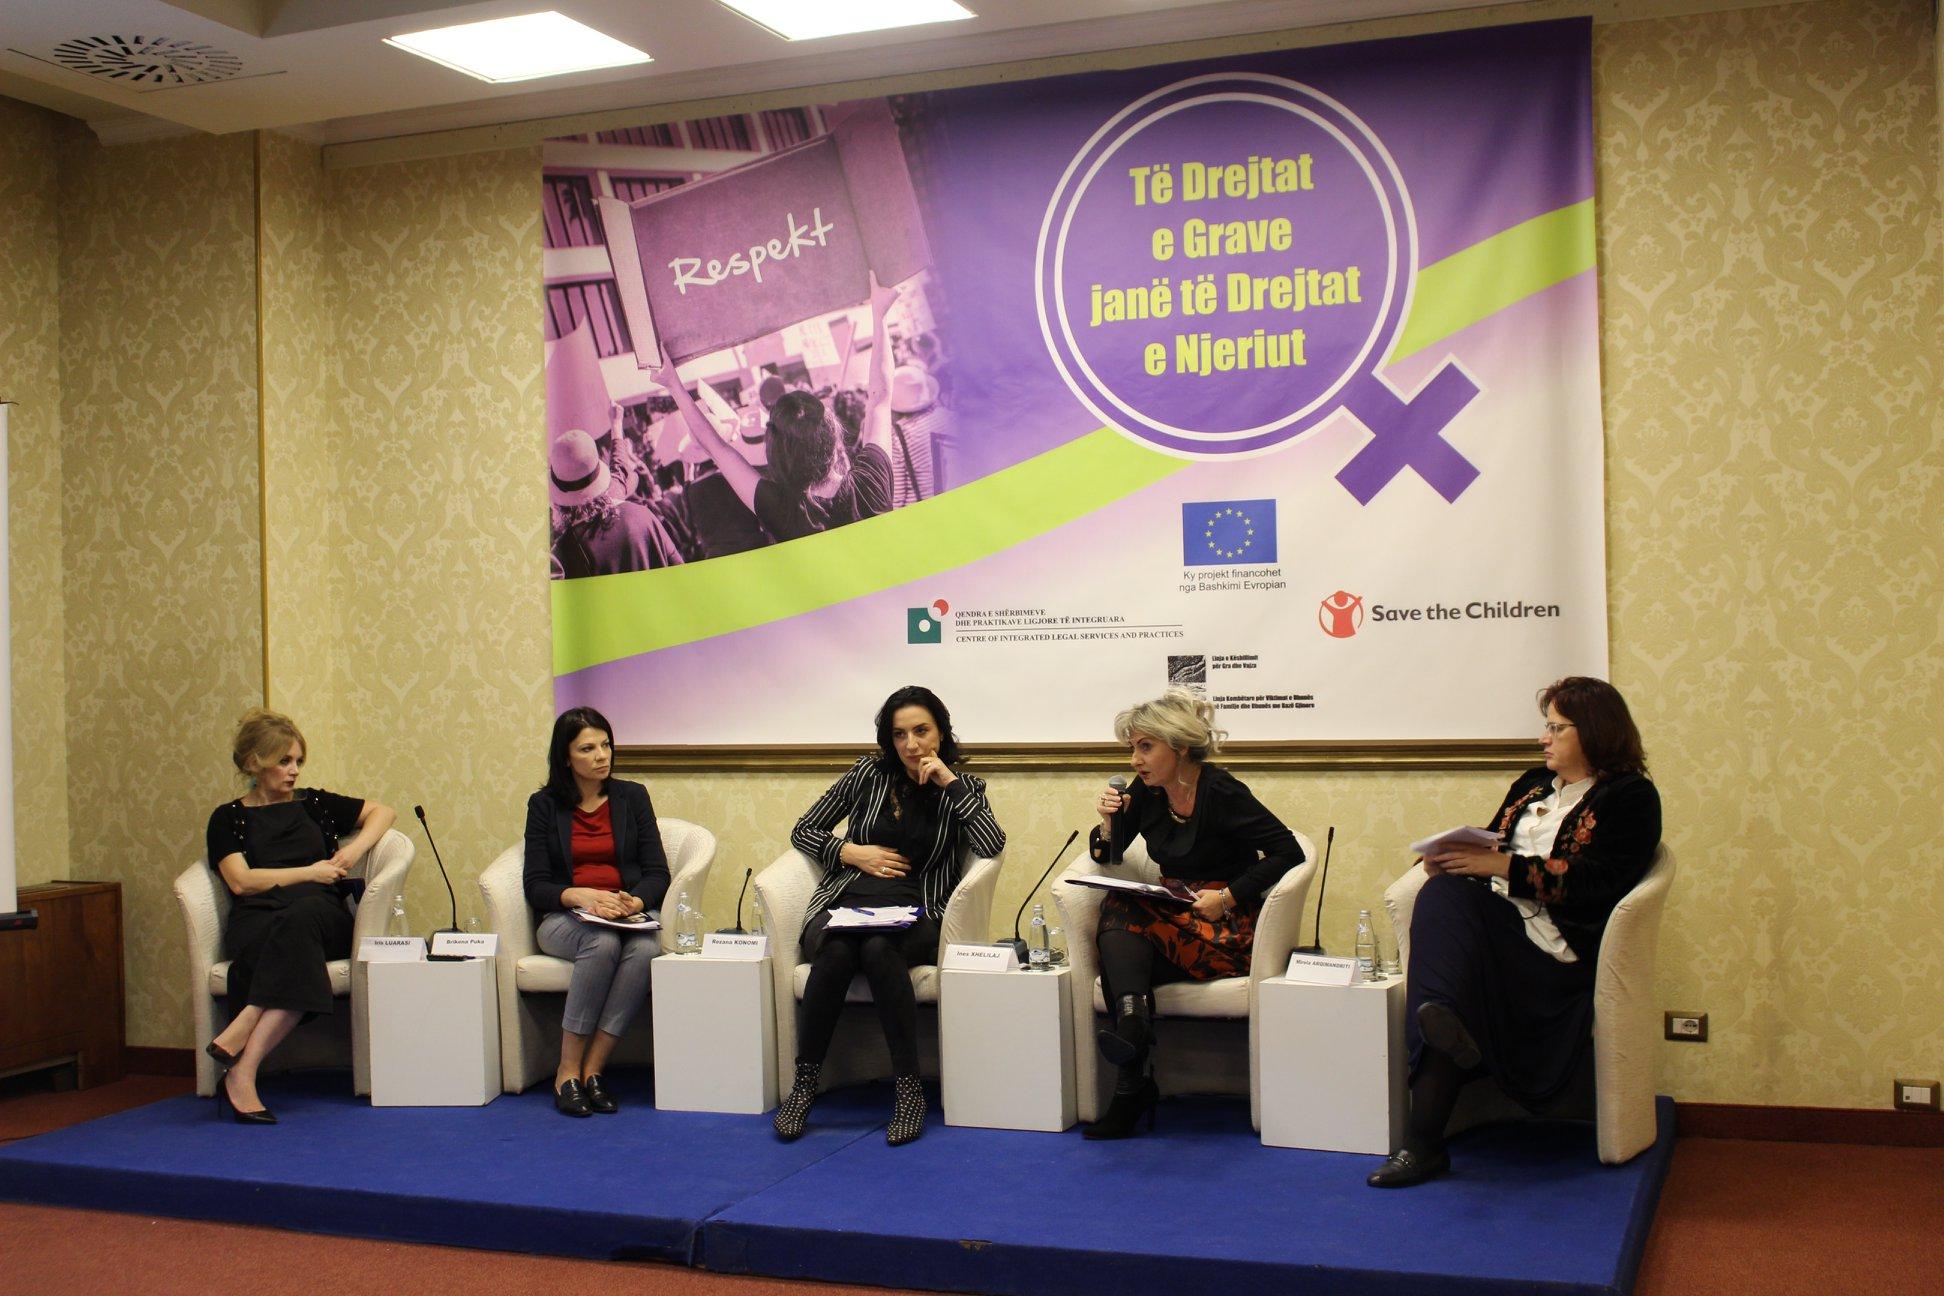 """Paneli i dytë i Konferencës Kombëtare """"Të Drejtat e Grave janë të Drejtat e Njeriut""""."""